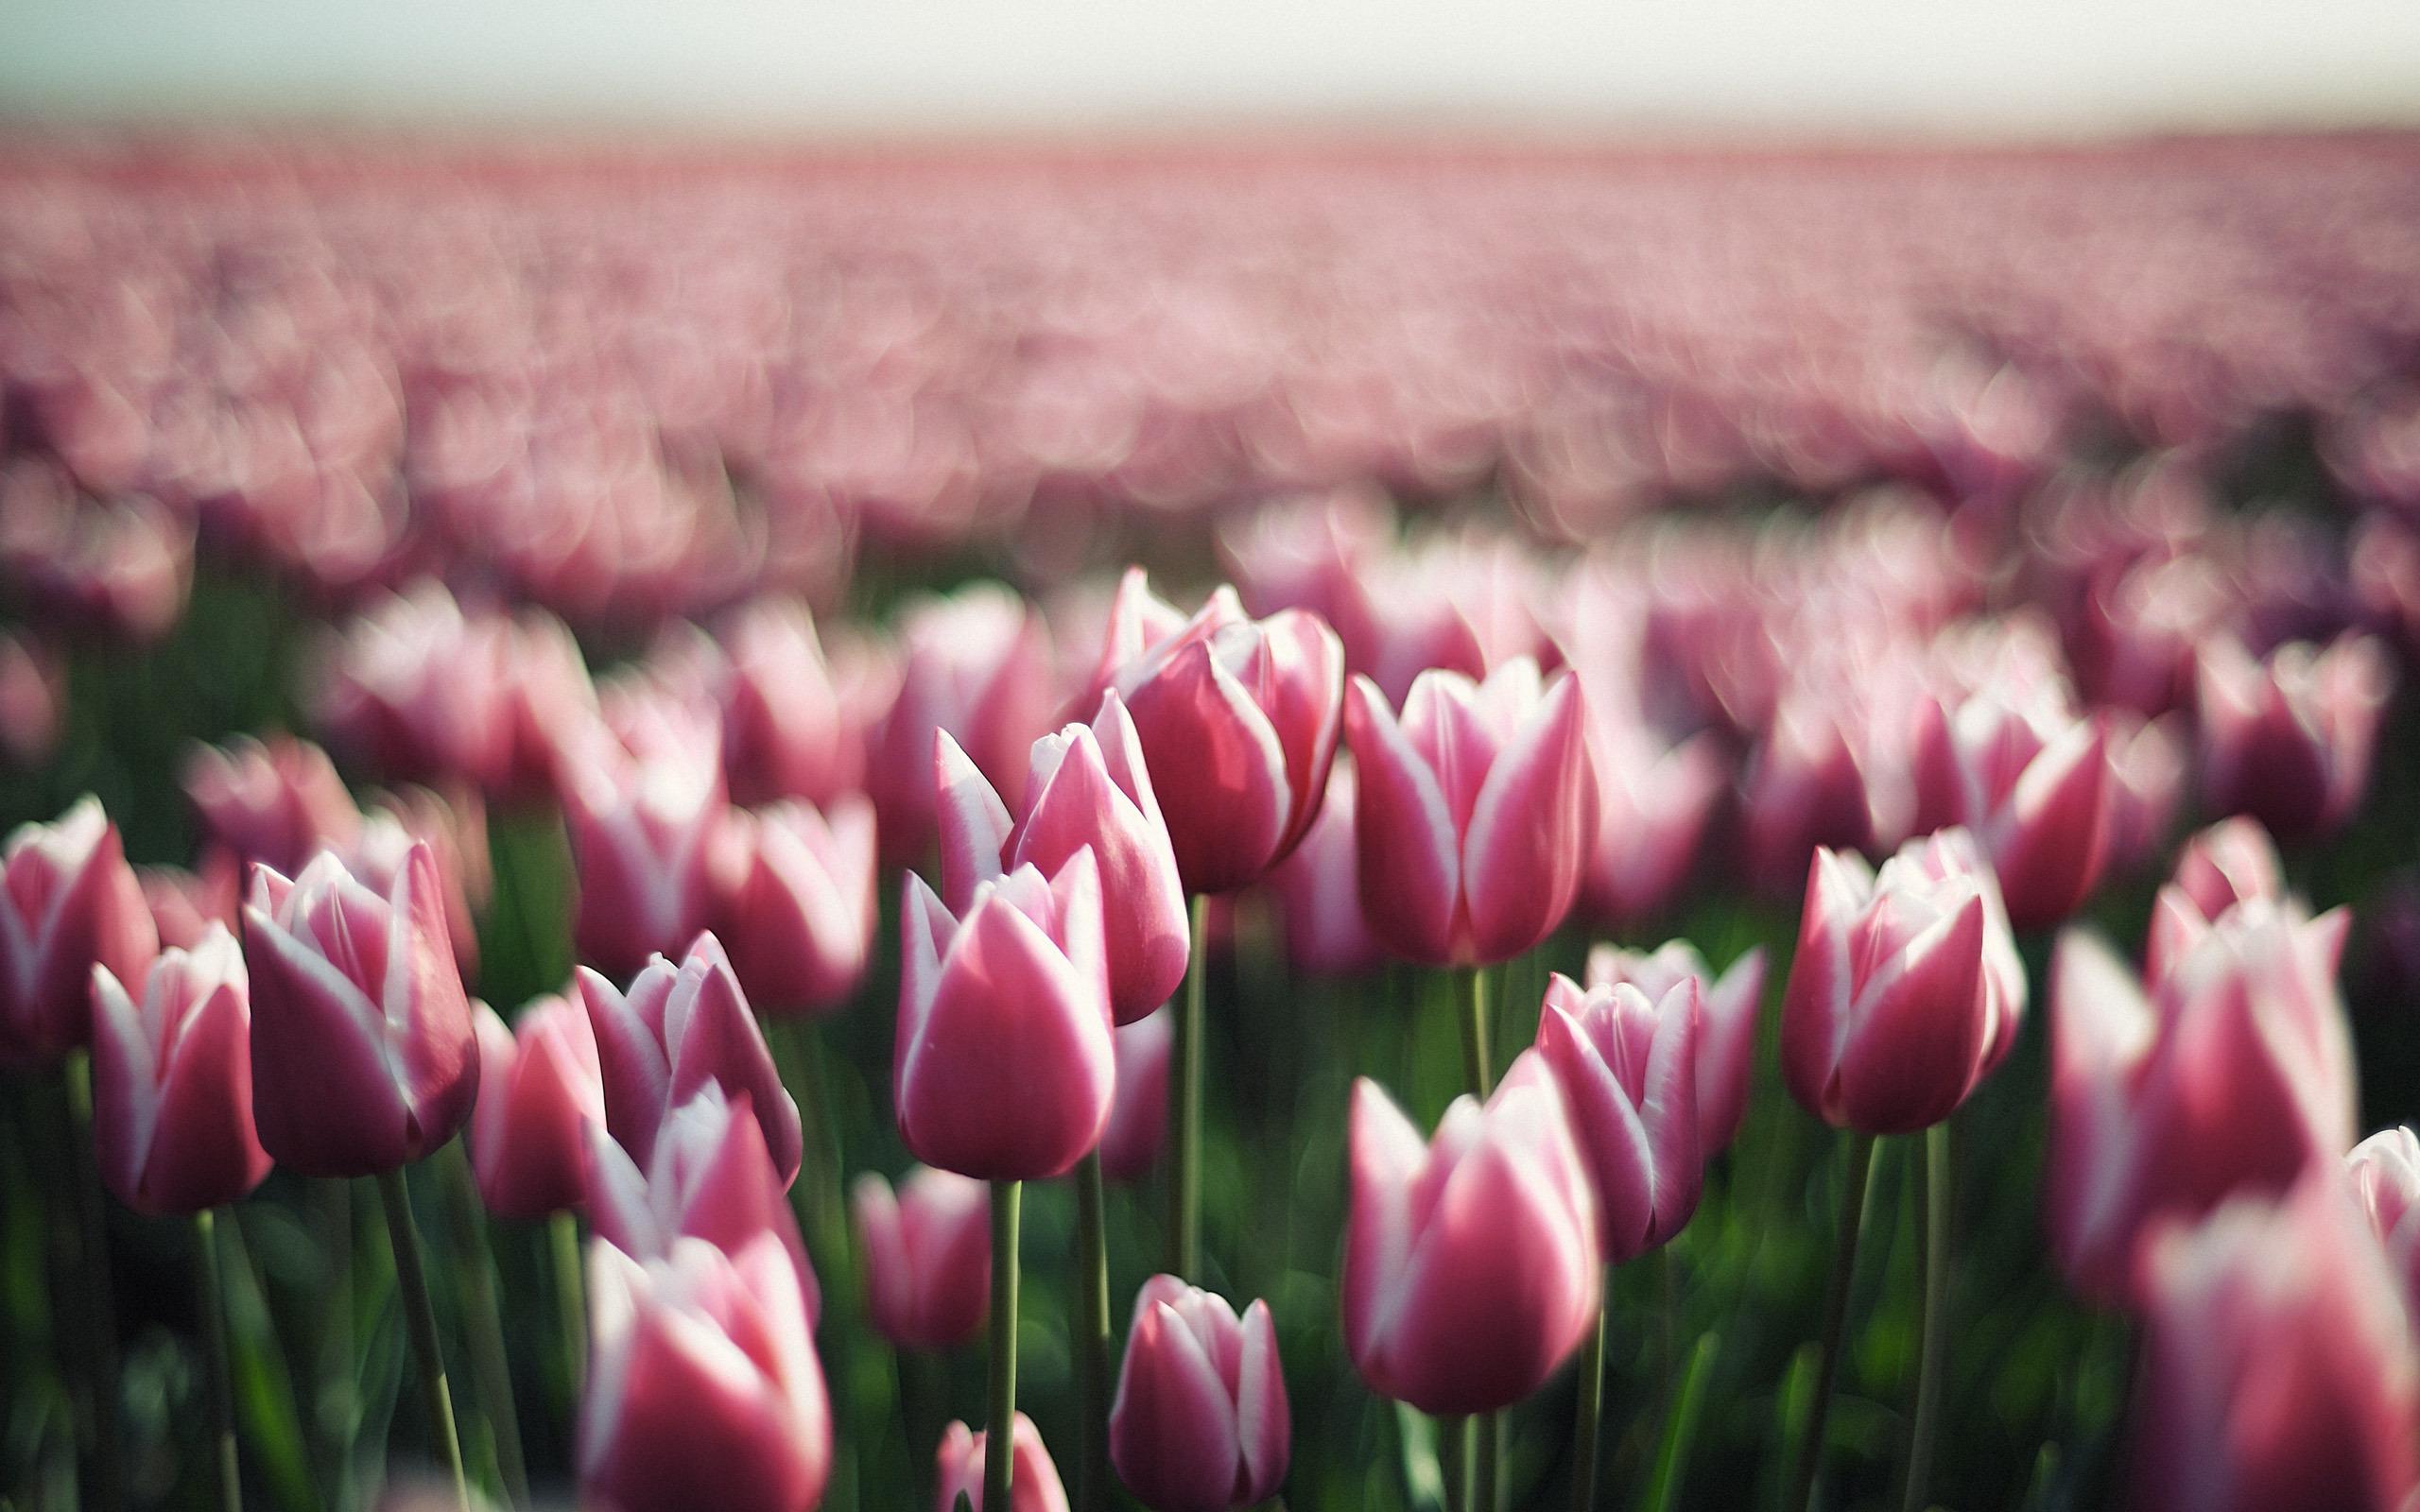 красивые бесплатные тюльпаны фото картинки высокого качества продолжиться